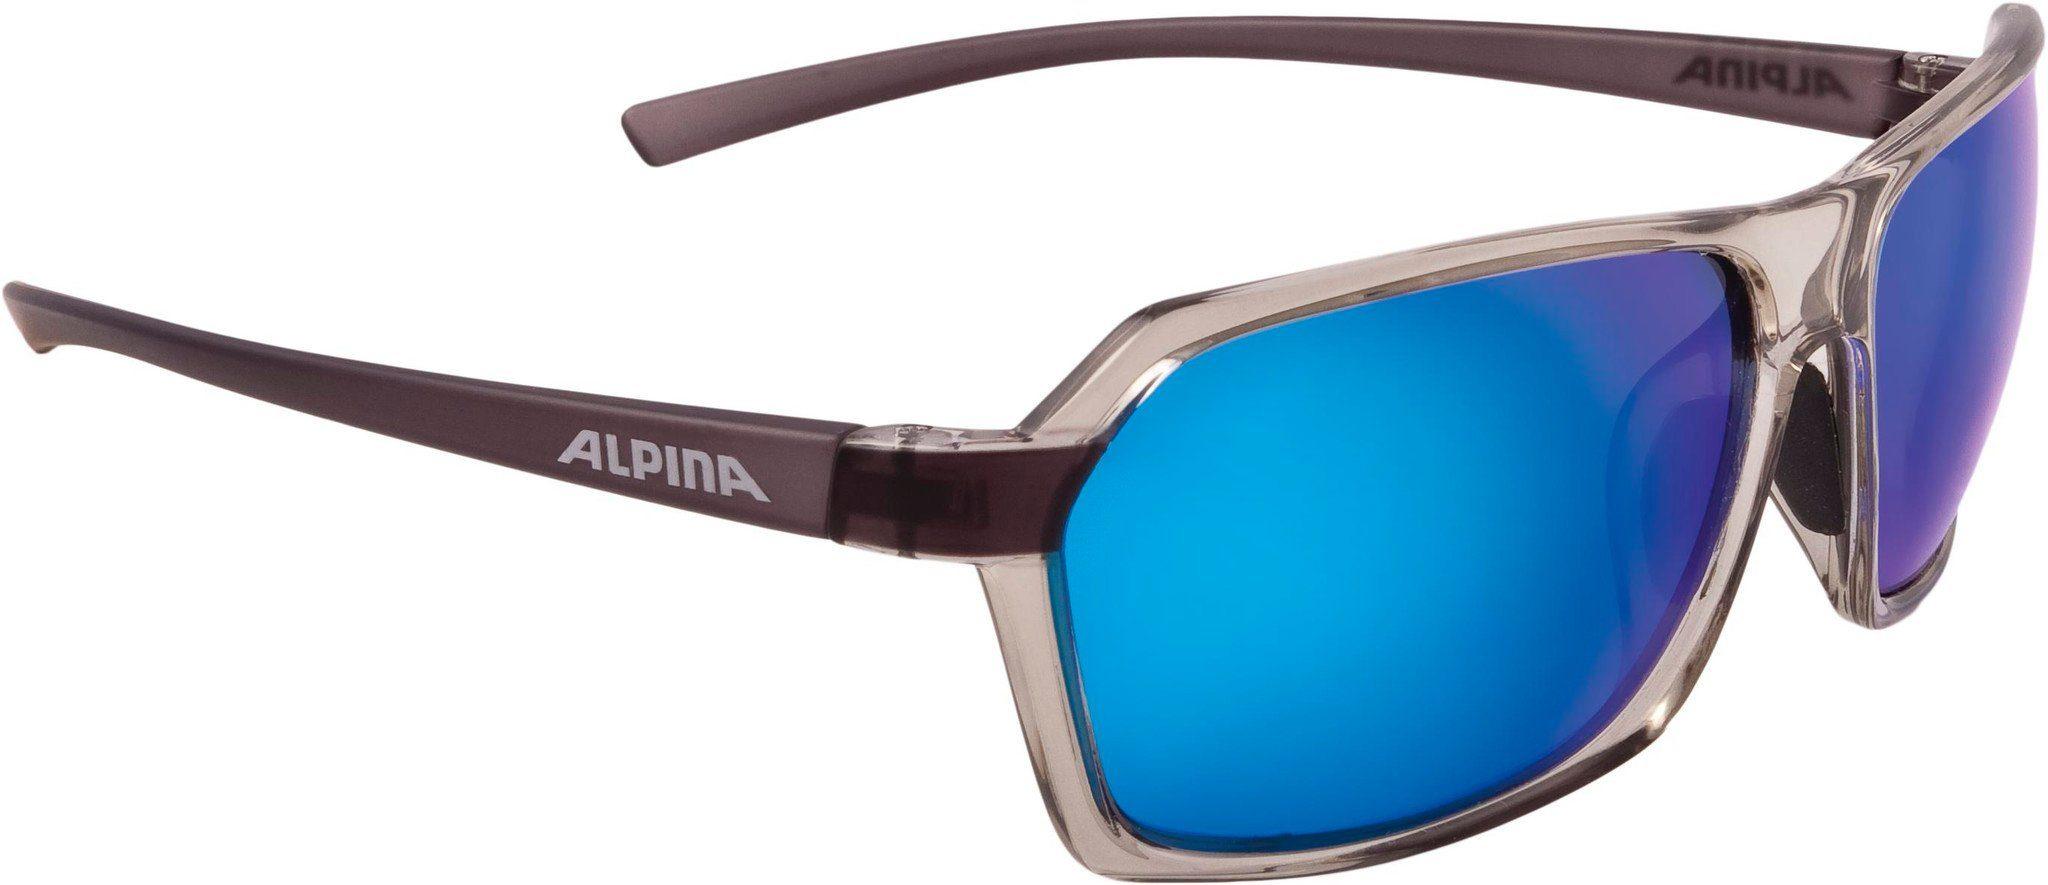 Alpina Sports Sportbrille »Finety P Glasses«